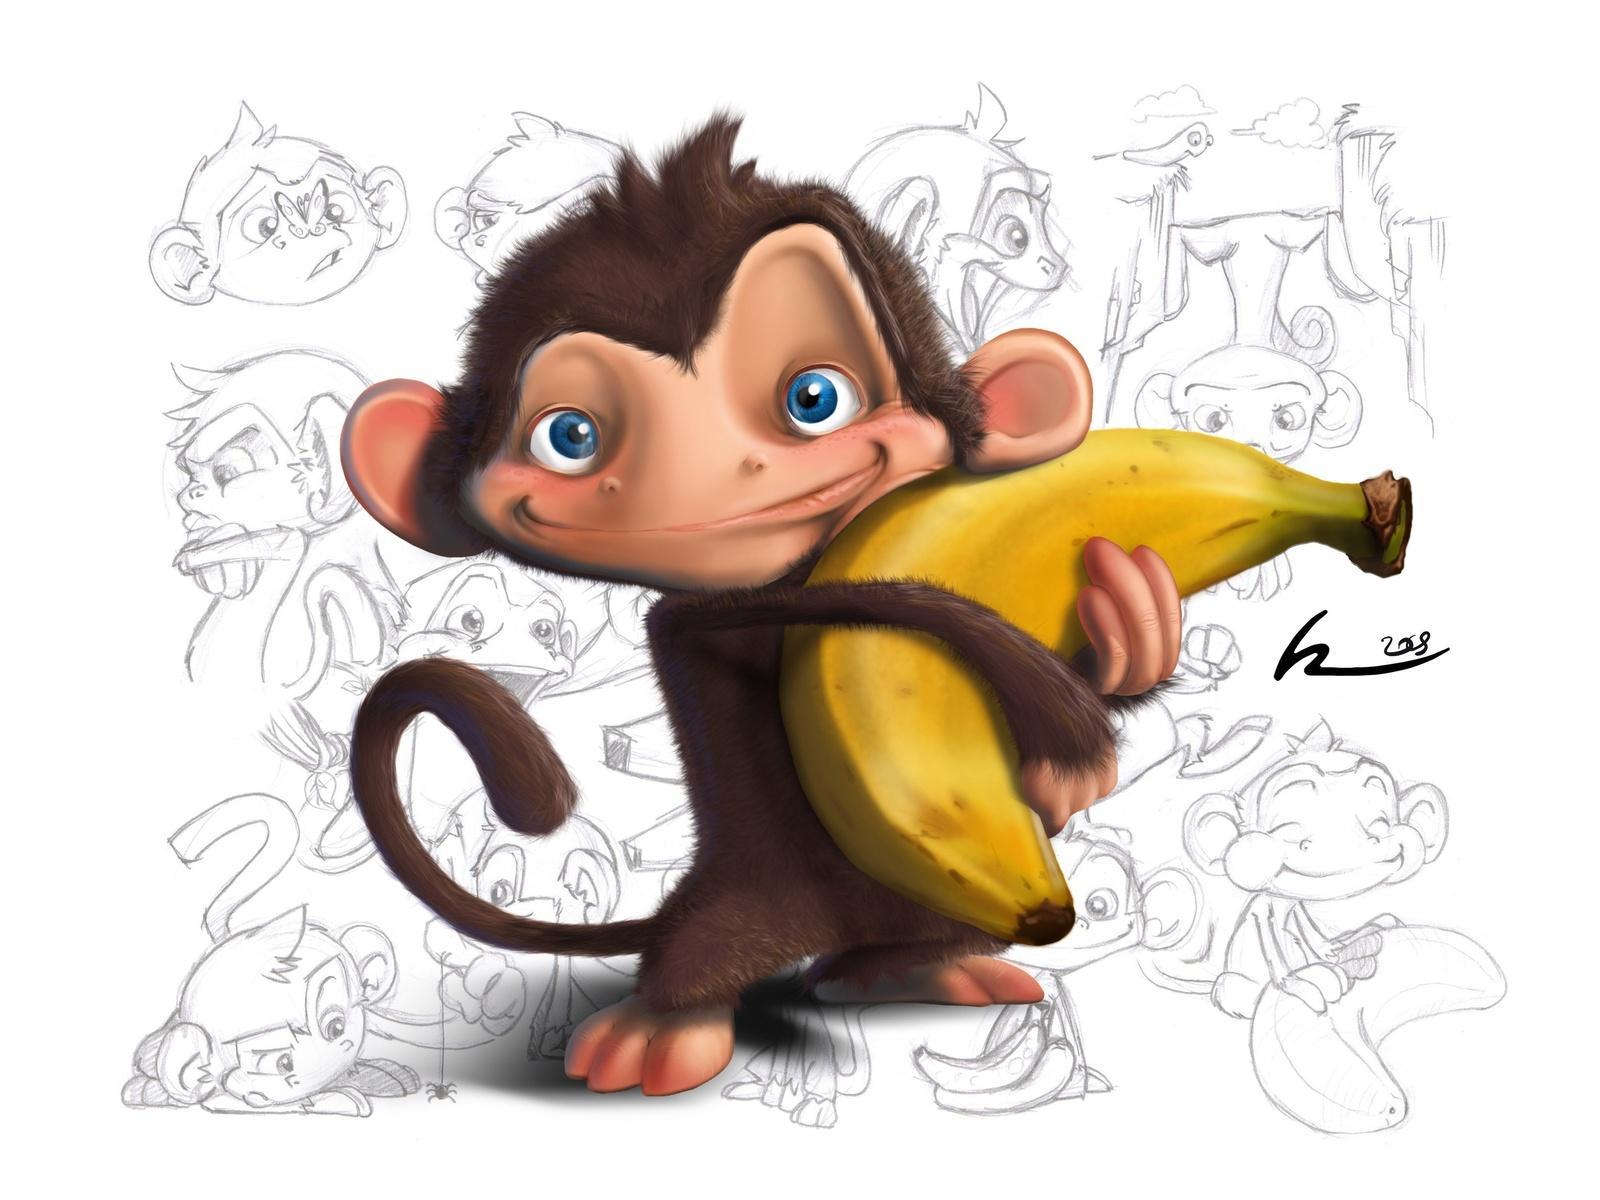 обезьянка и банан, мартышка, скачать фото, обои для рабочего стола